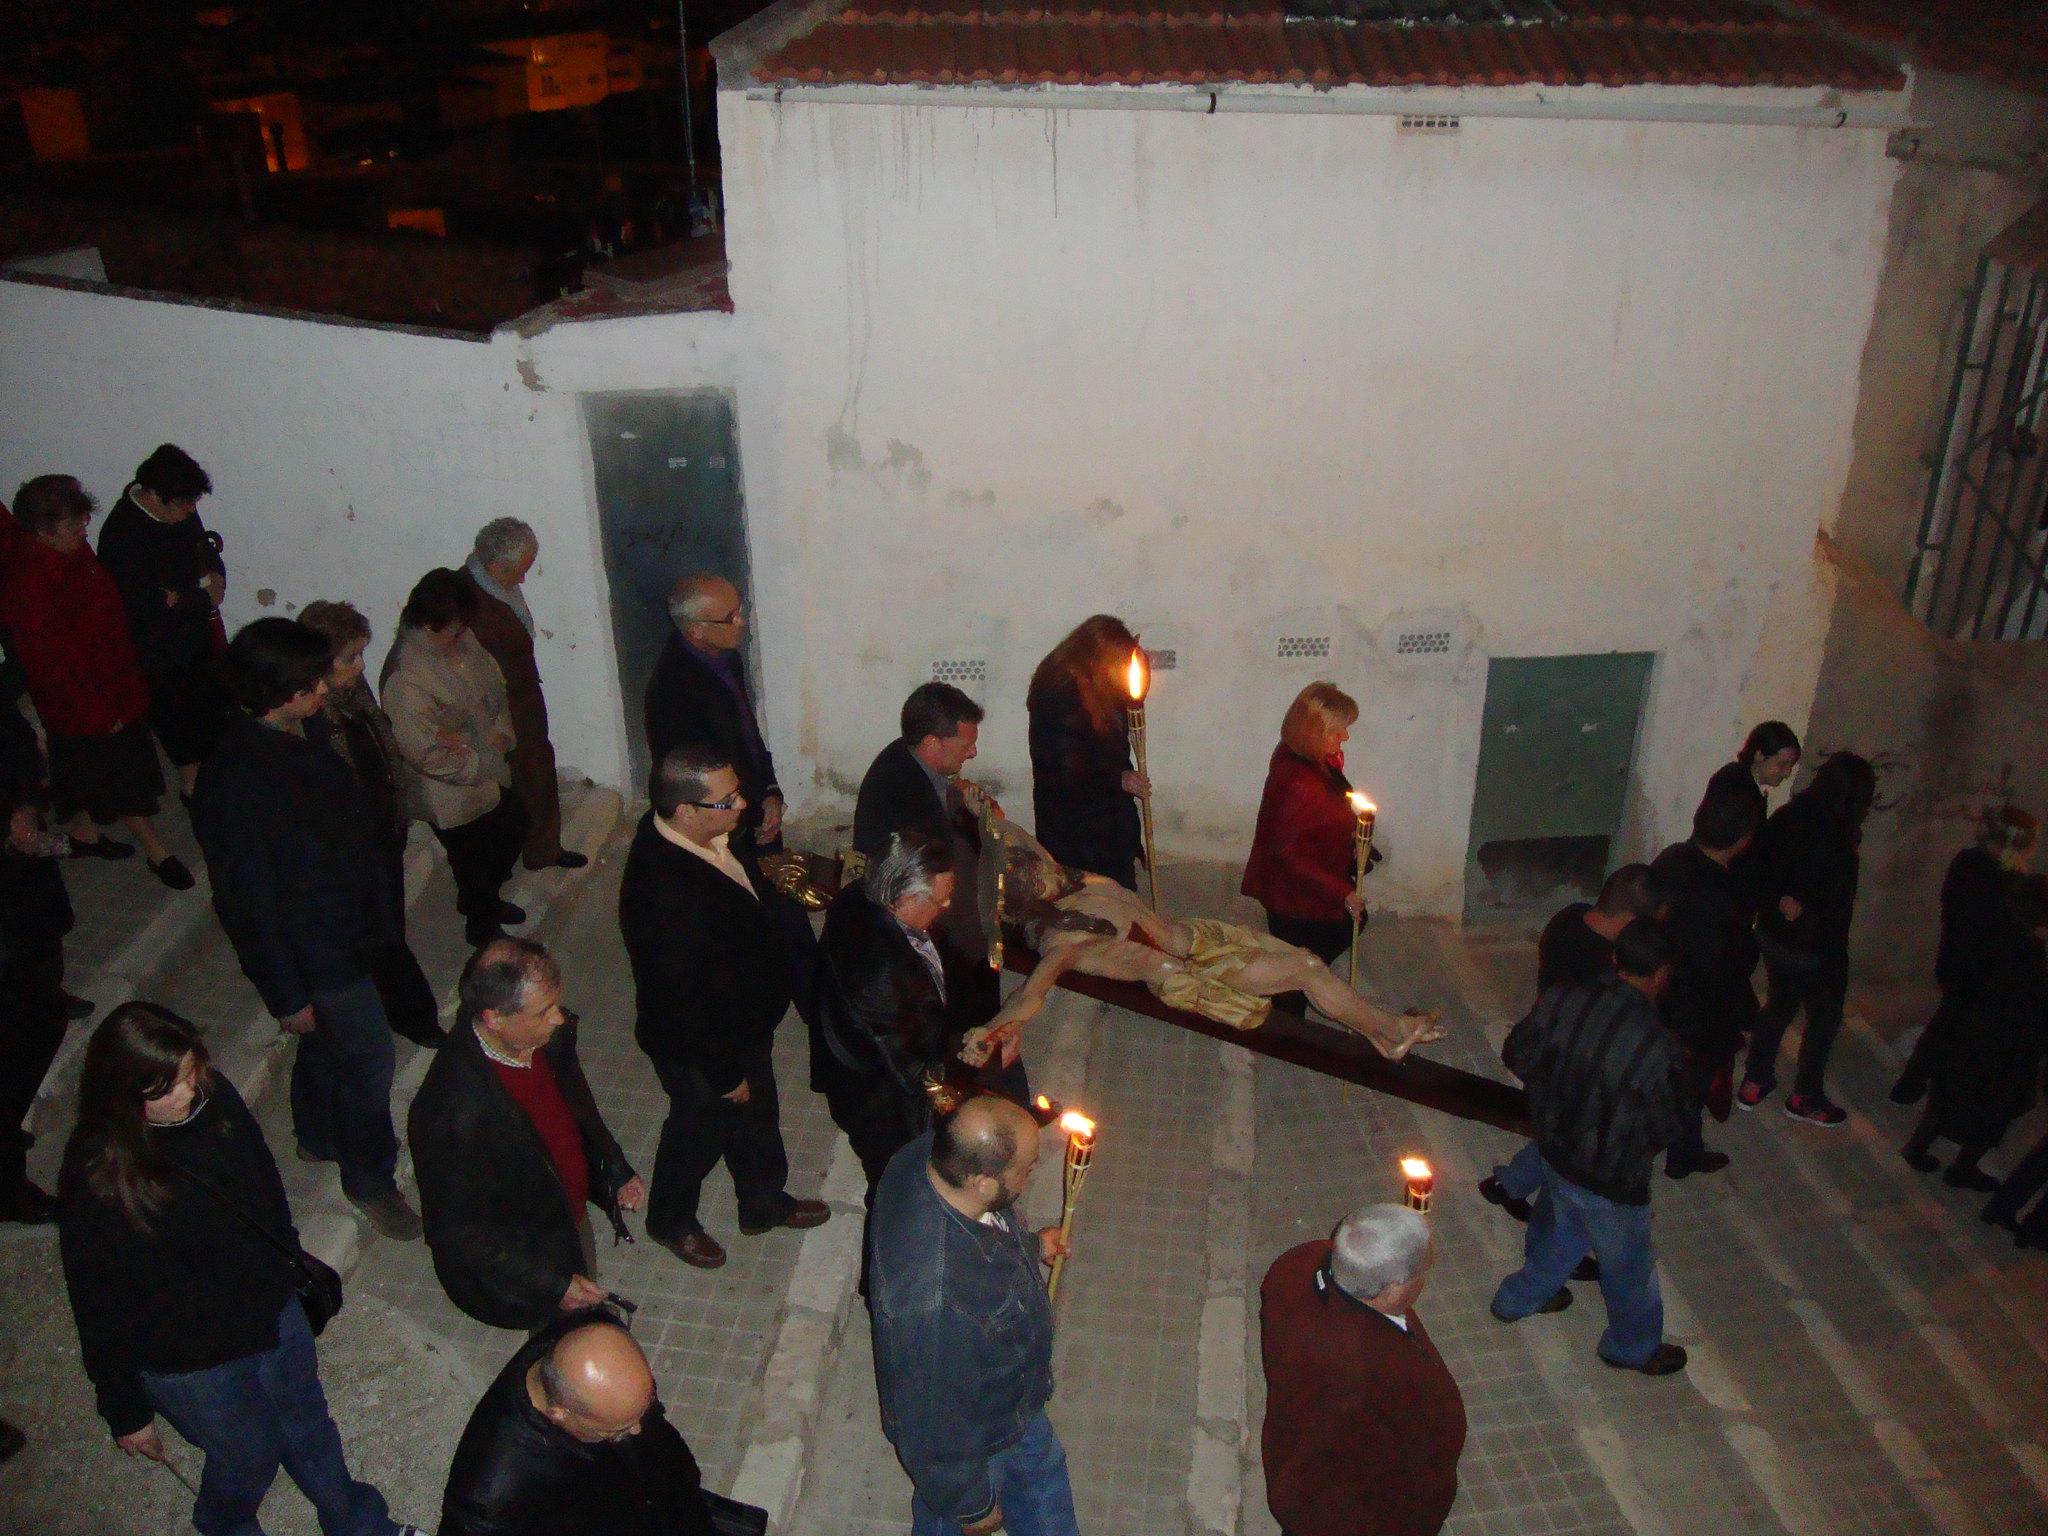 (2011-04-15) - II Vía Crucis nocturno - Javier Montesinos Villaplana -  (04)